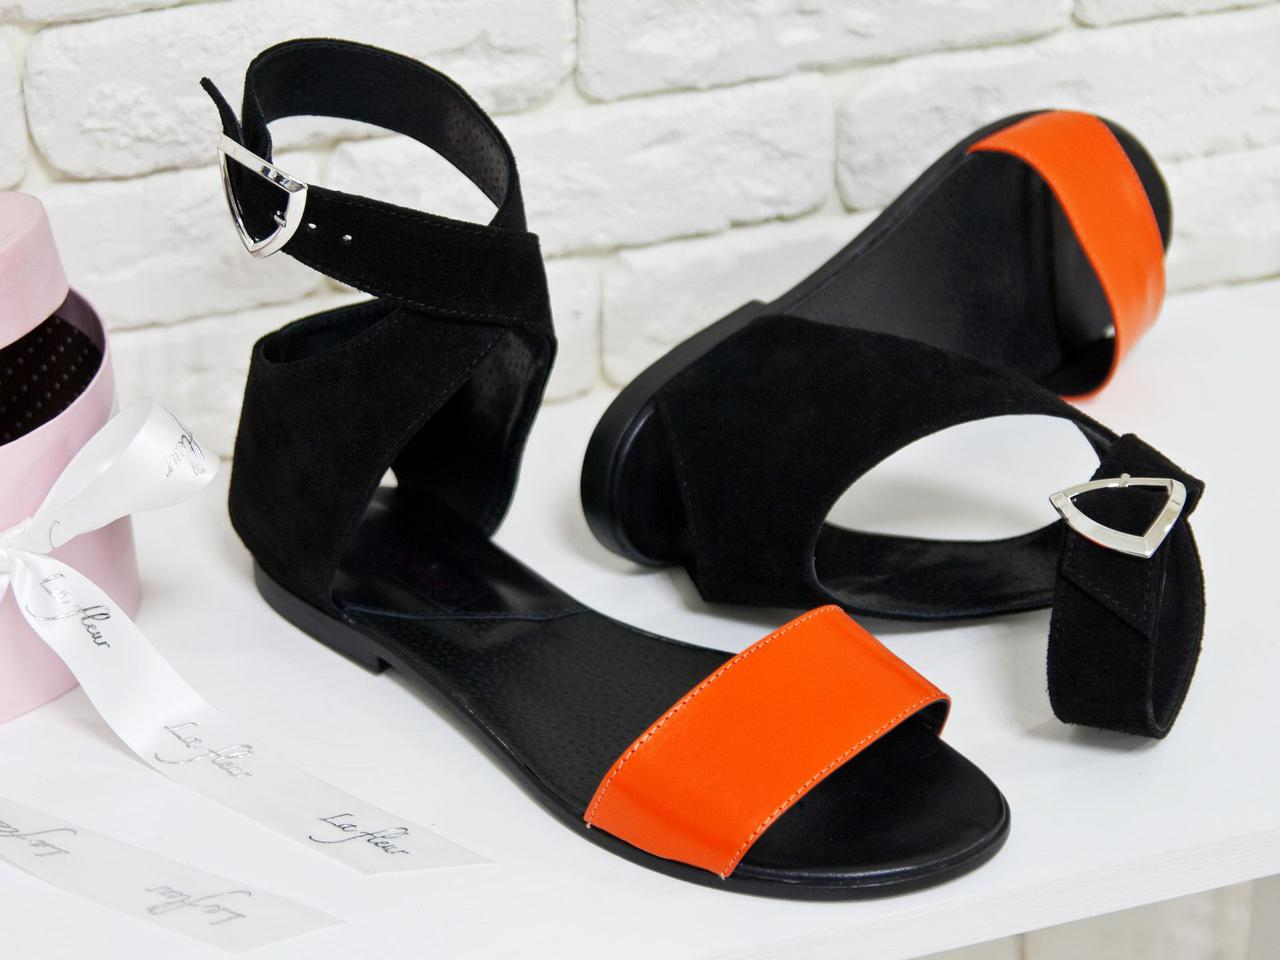 Босоножки легкие кожаные с оранжевой кожаной планкой и черным замшевым задником без каблука. Размер 36-41